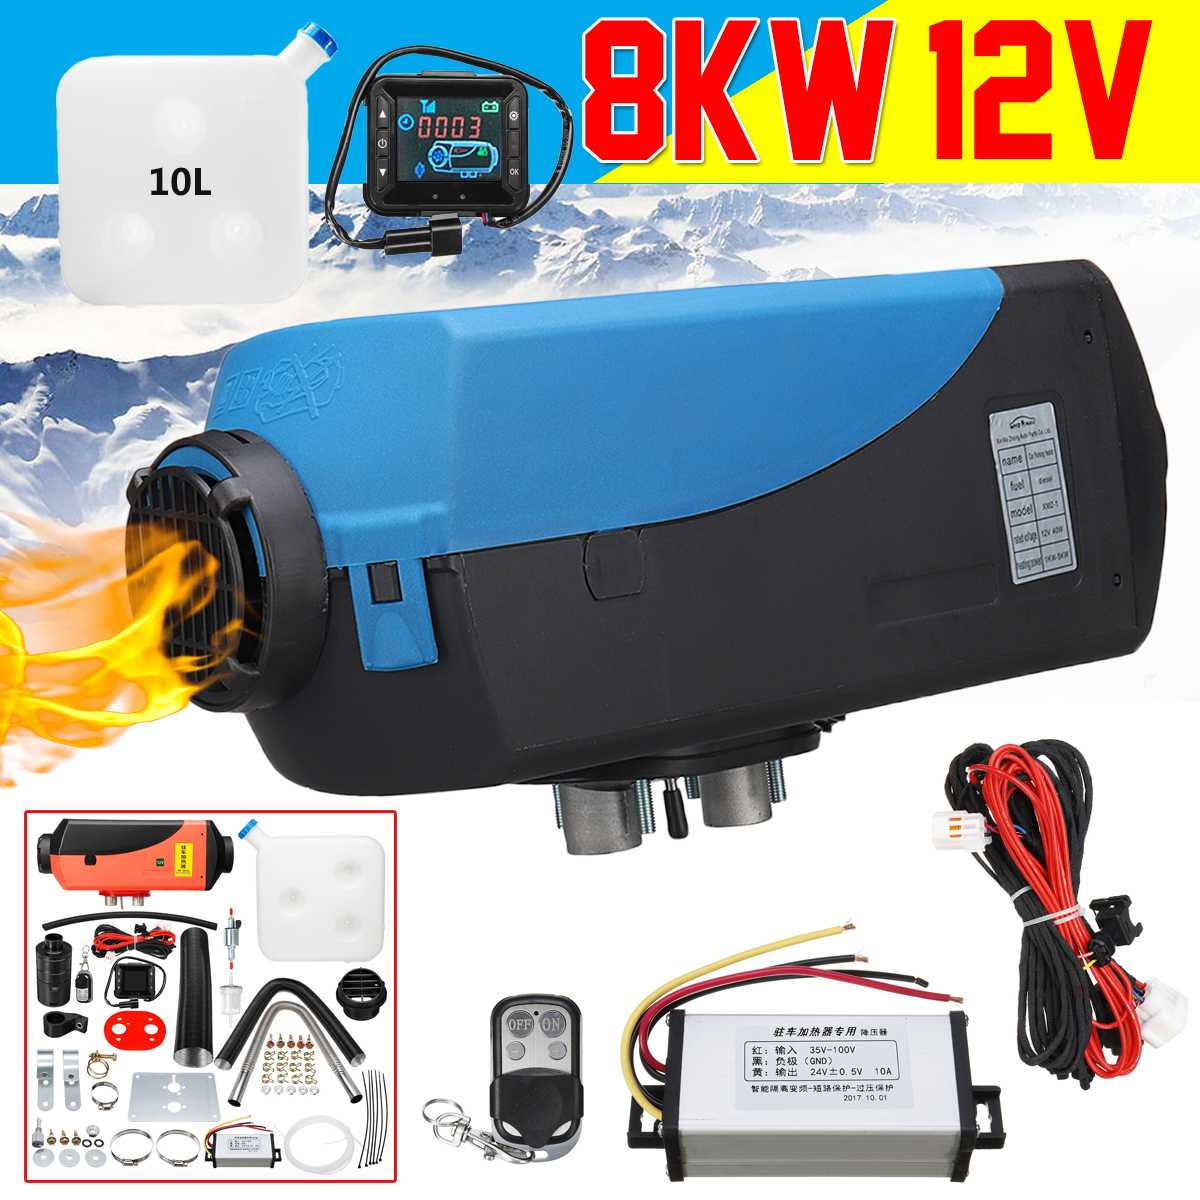 8KW 12 V Diesel Ar-Aquecedor Planar LCD Monitor Para Carro Caminhões Ônibus Barcos Casa Silenciador Do Motor Com Controle Remoto barcos de controle Único Furo